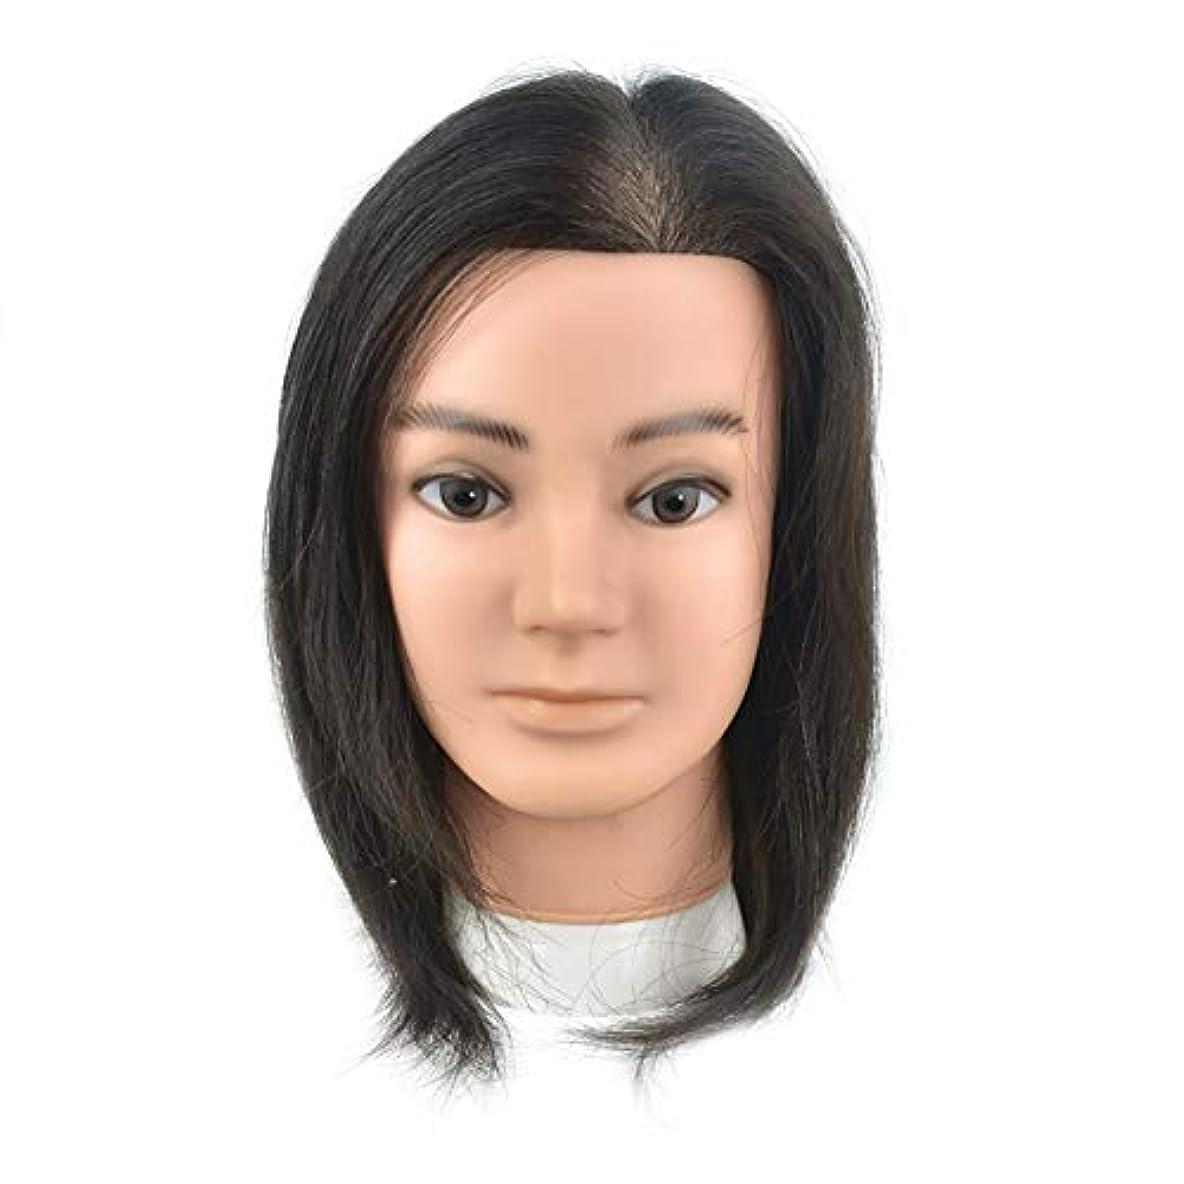 サーマル味方架空のリアルヘアスタイリングマネキンヘッド女性ヘッドモデル教育ヘッド理髪店編組ヘア染色学習ダミーヘッド